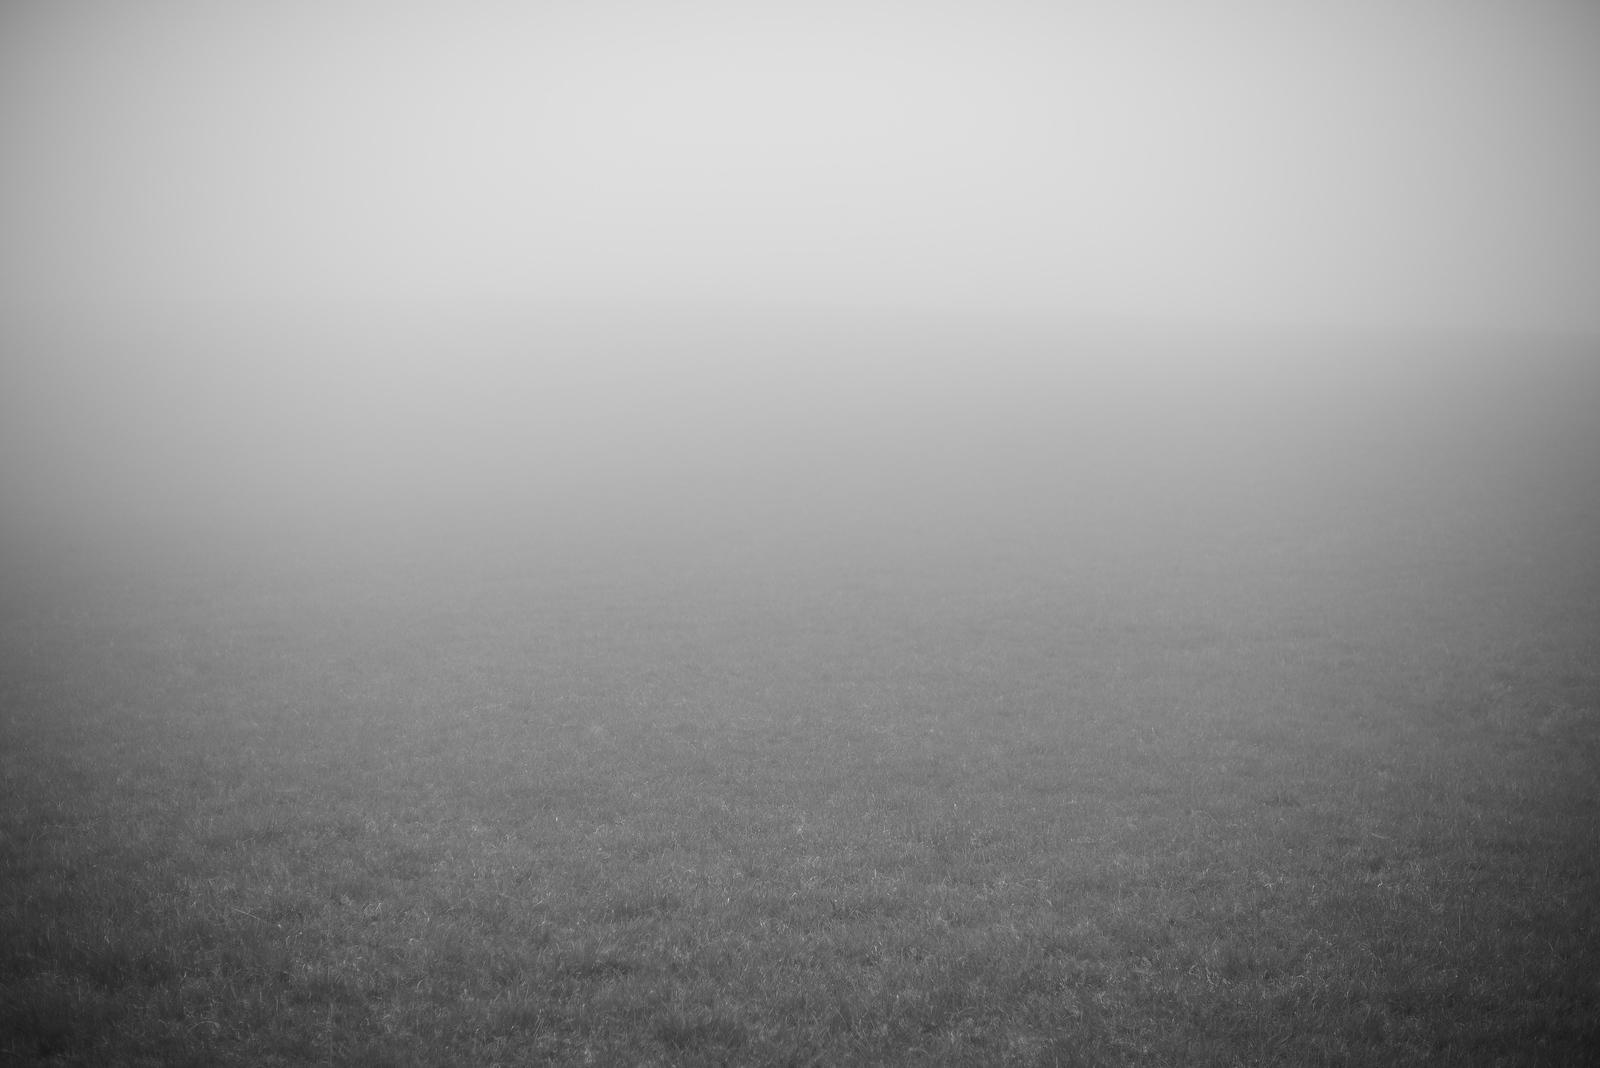 Fog in a Field